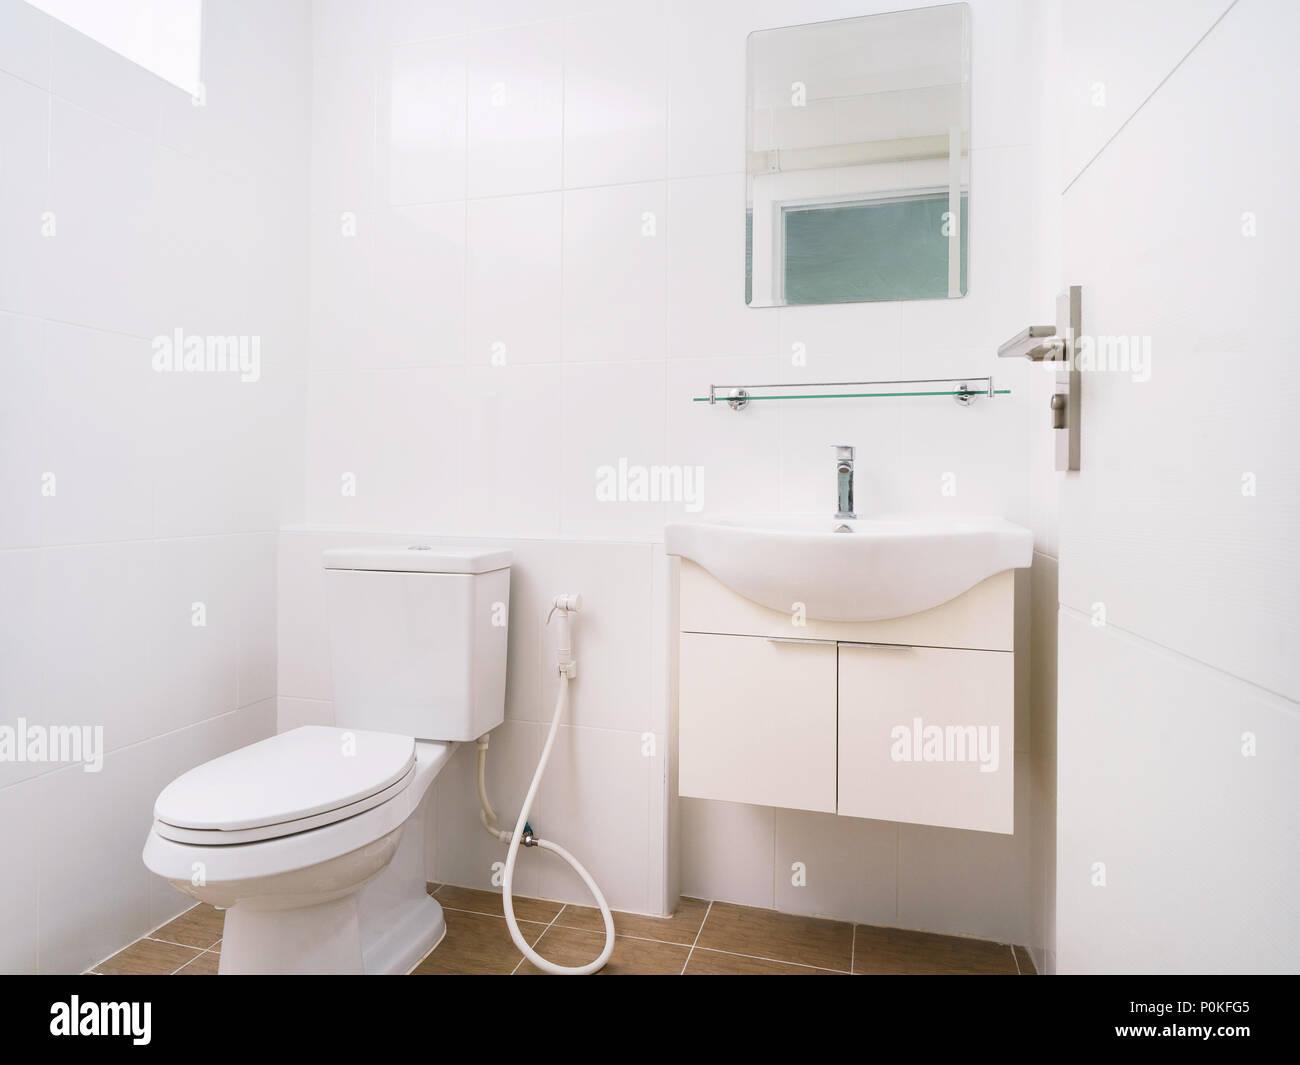 Saubere toilette mit wc waschbecken und spiegel dekoration mit